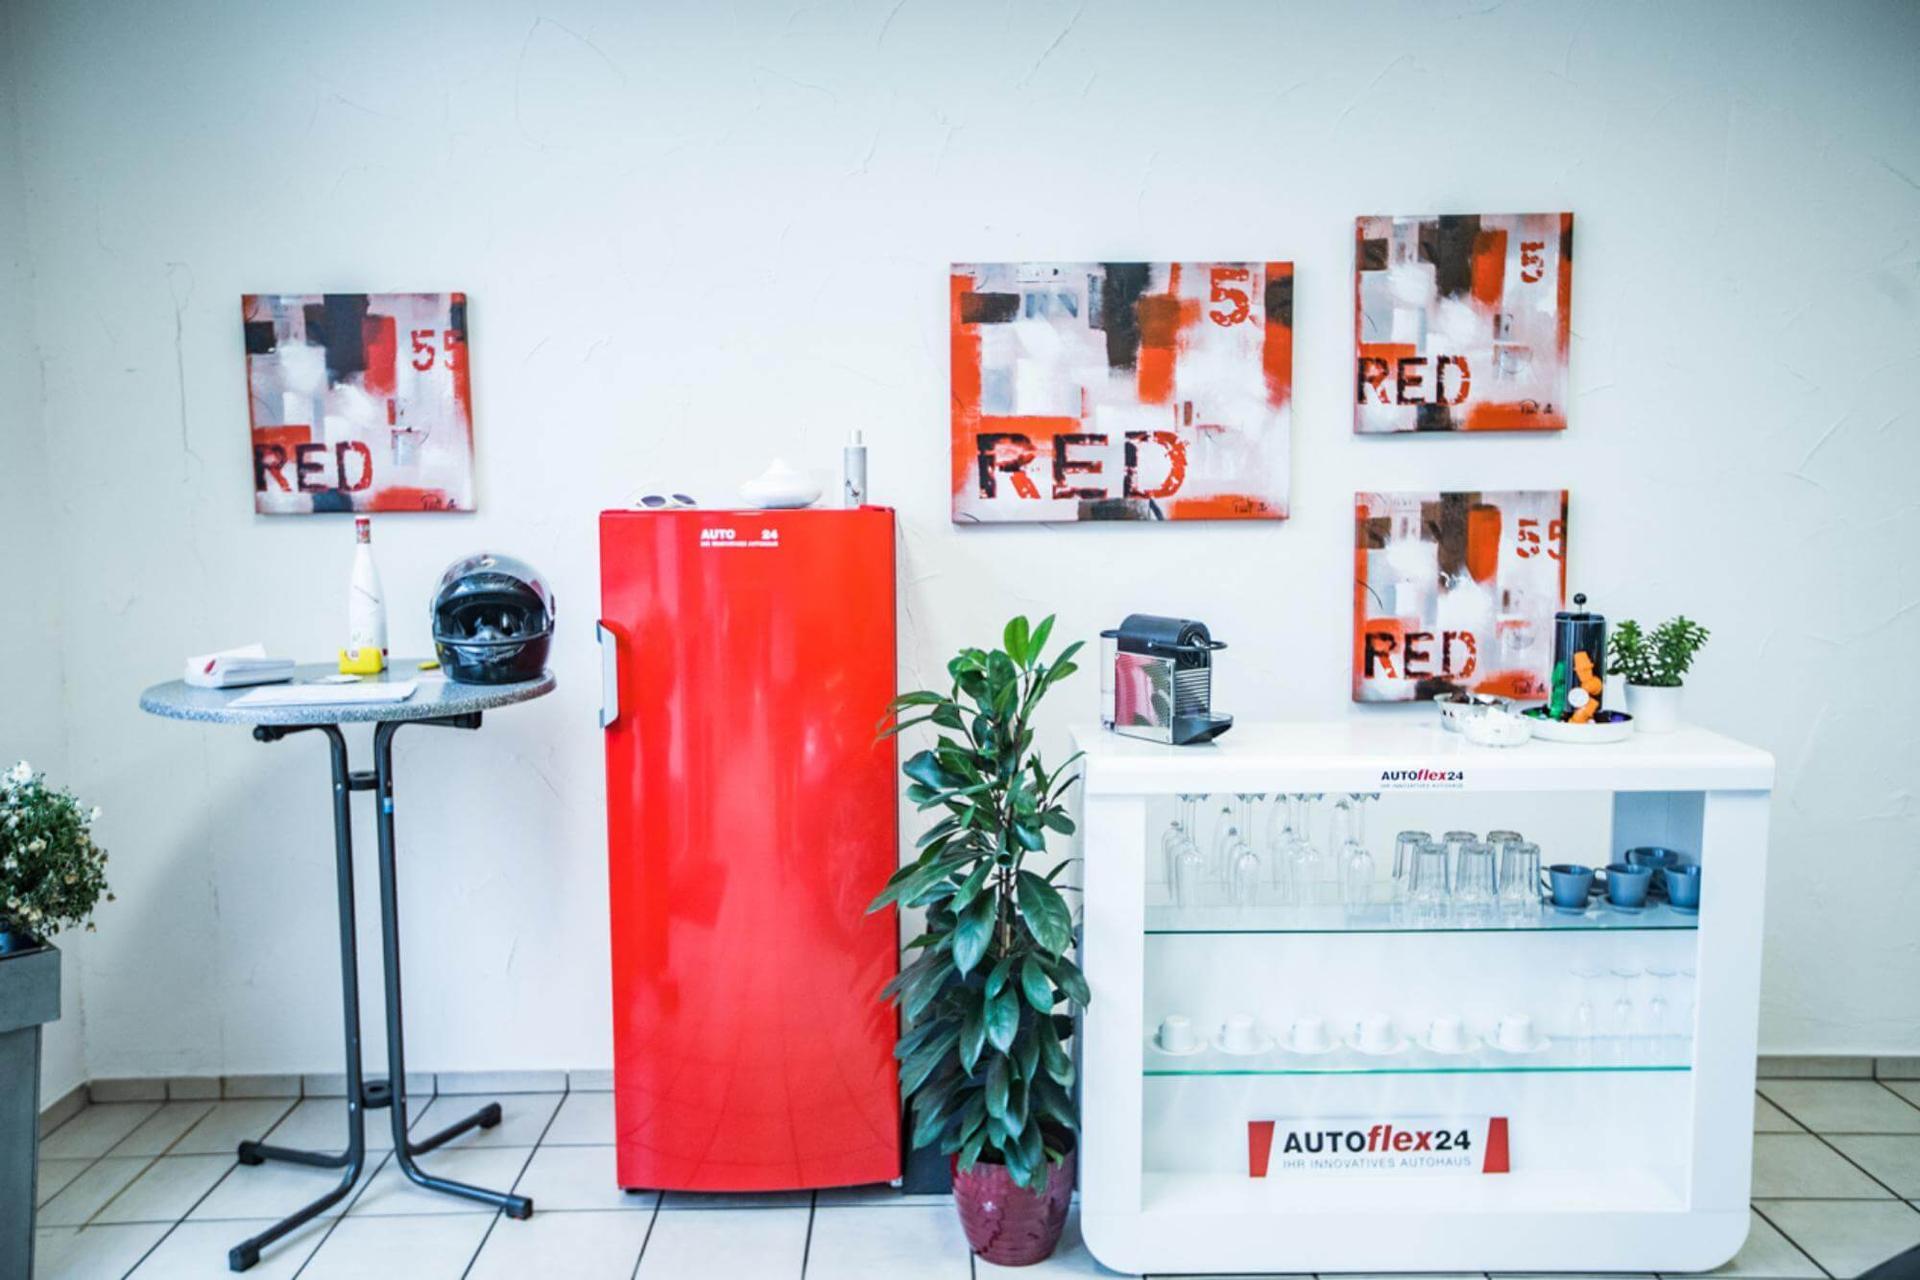 AUTOflex GmbH - Filliale Gundelsheim - Kompetente Beratung Preisvorteile bis zu 40% Inzahlungnahme + Ankauf Werkstattservice